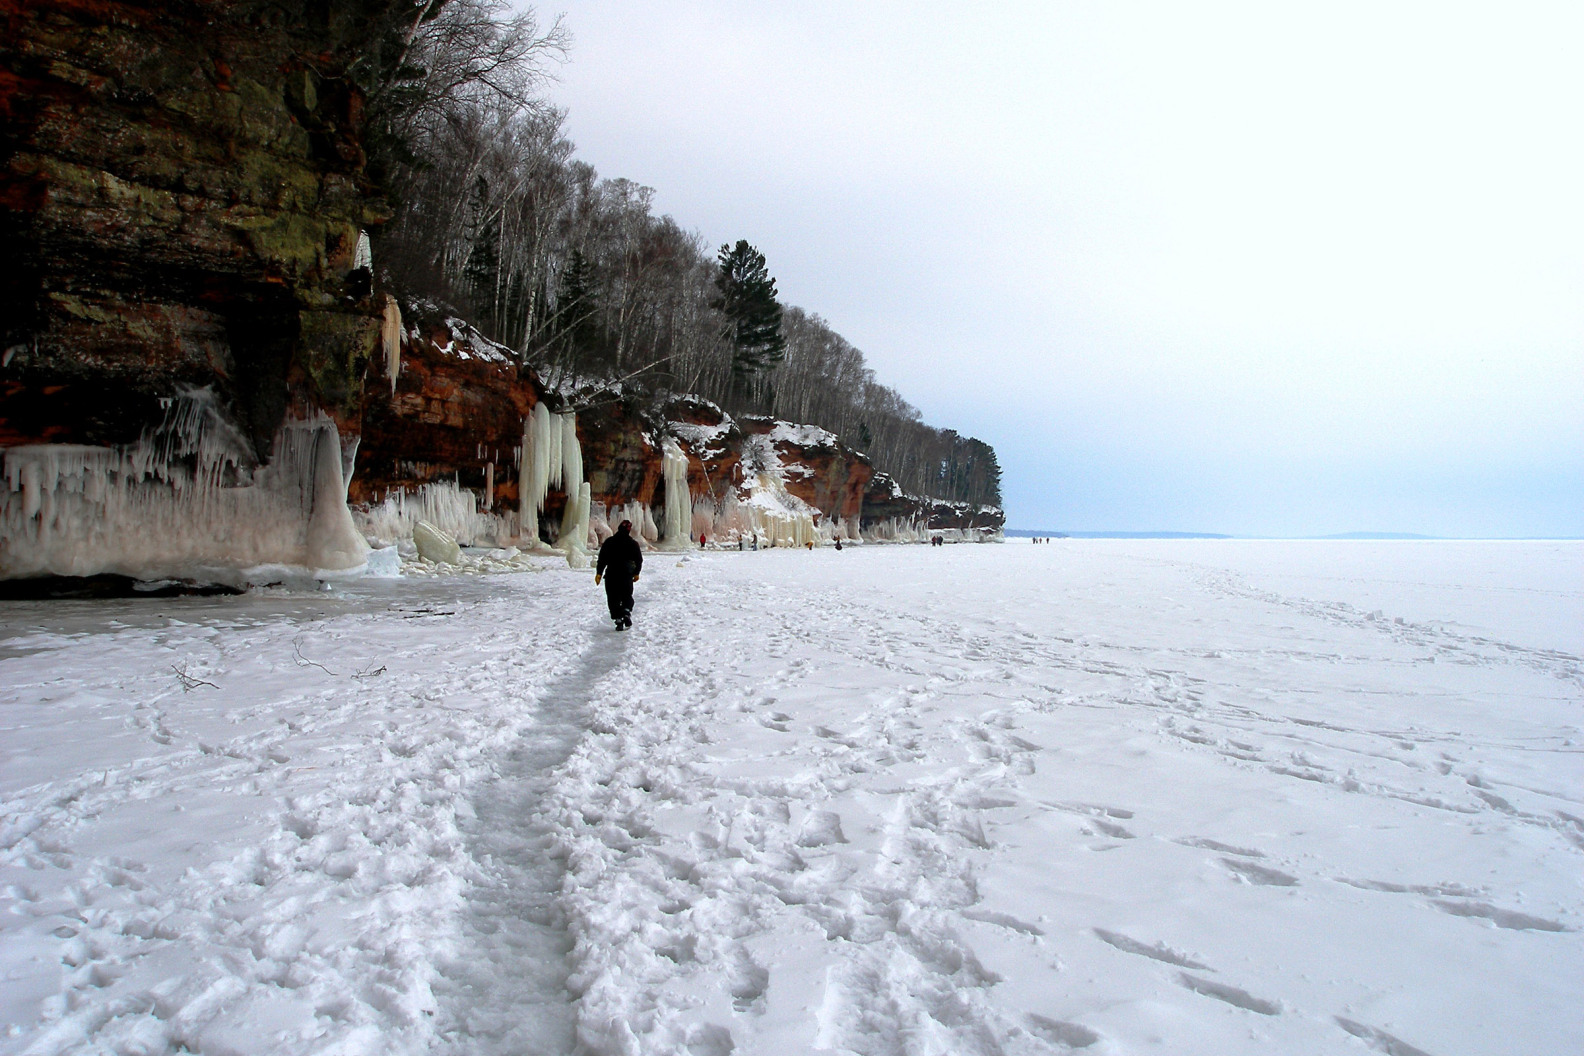 En hiver, lorsque le lac est gelé, les promeneurs en profitent pour découvrir un lieu férique où l'hiver s'est s'installé © paulgirl